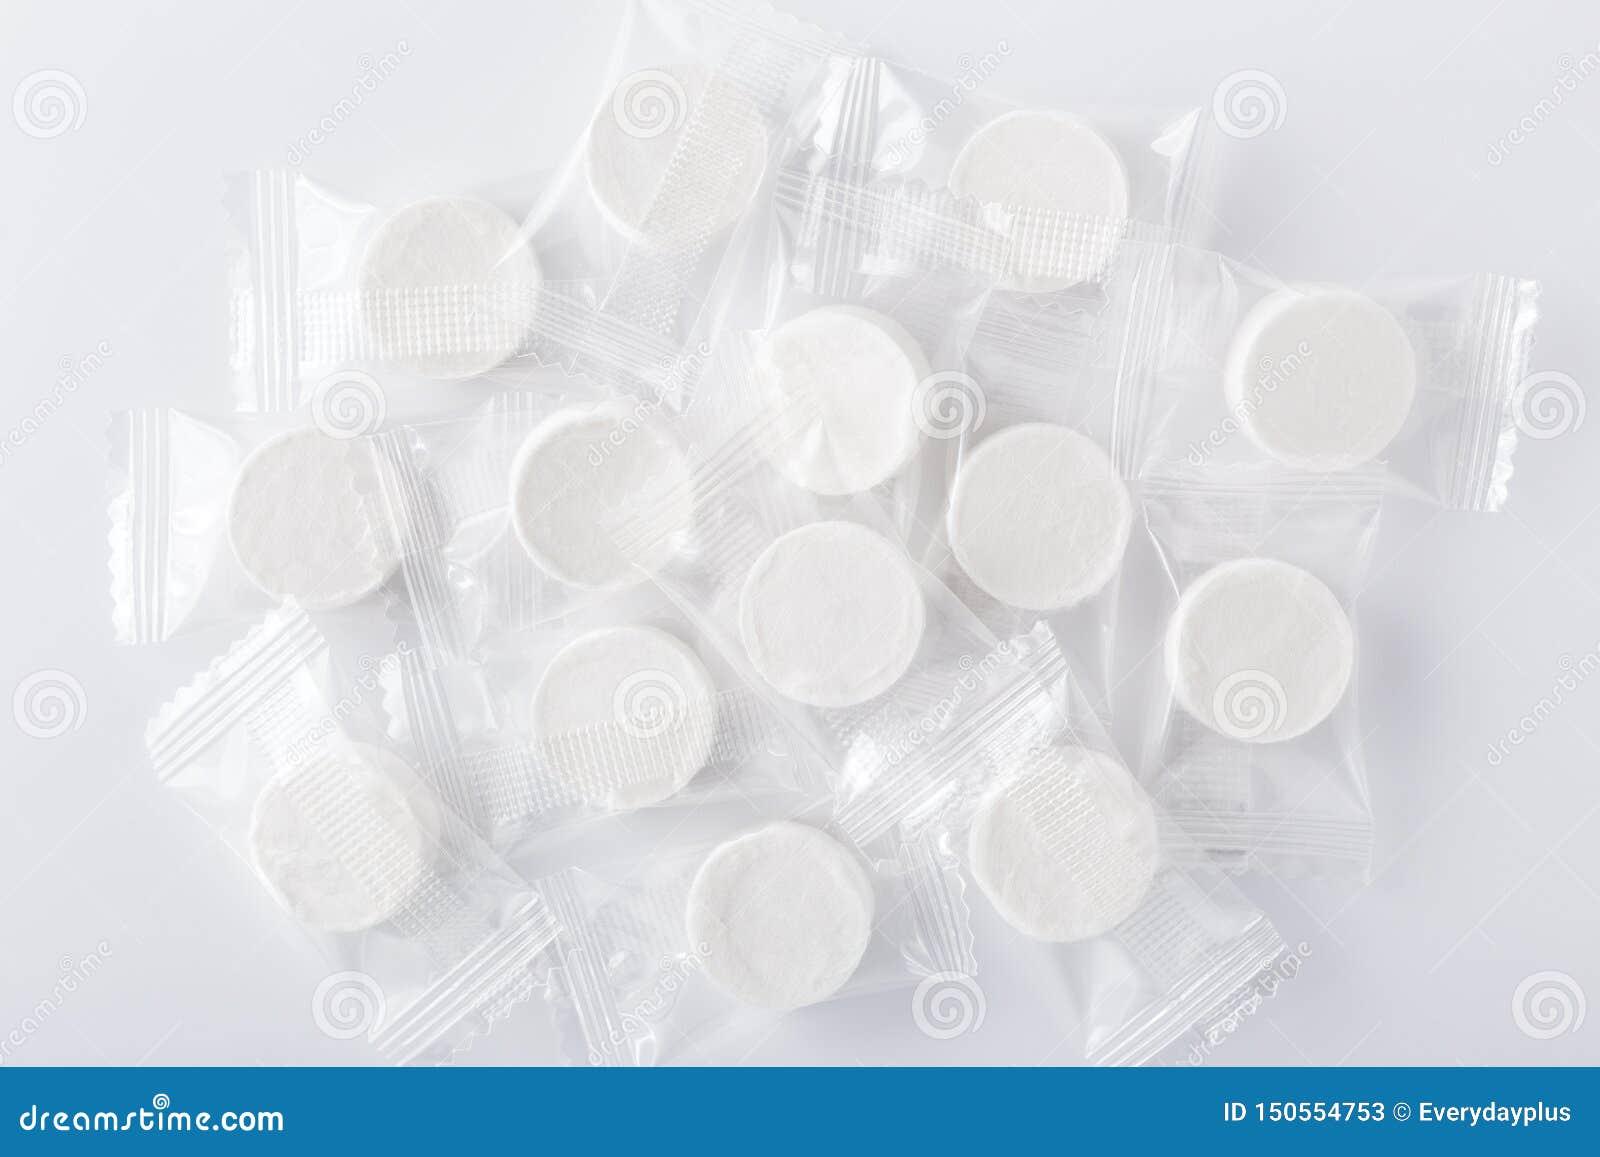 Samengeperst gezichtsmasker in pakket